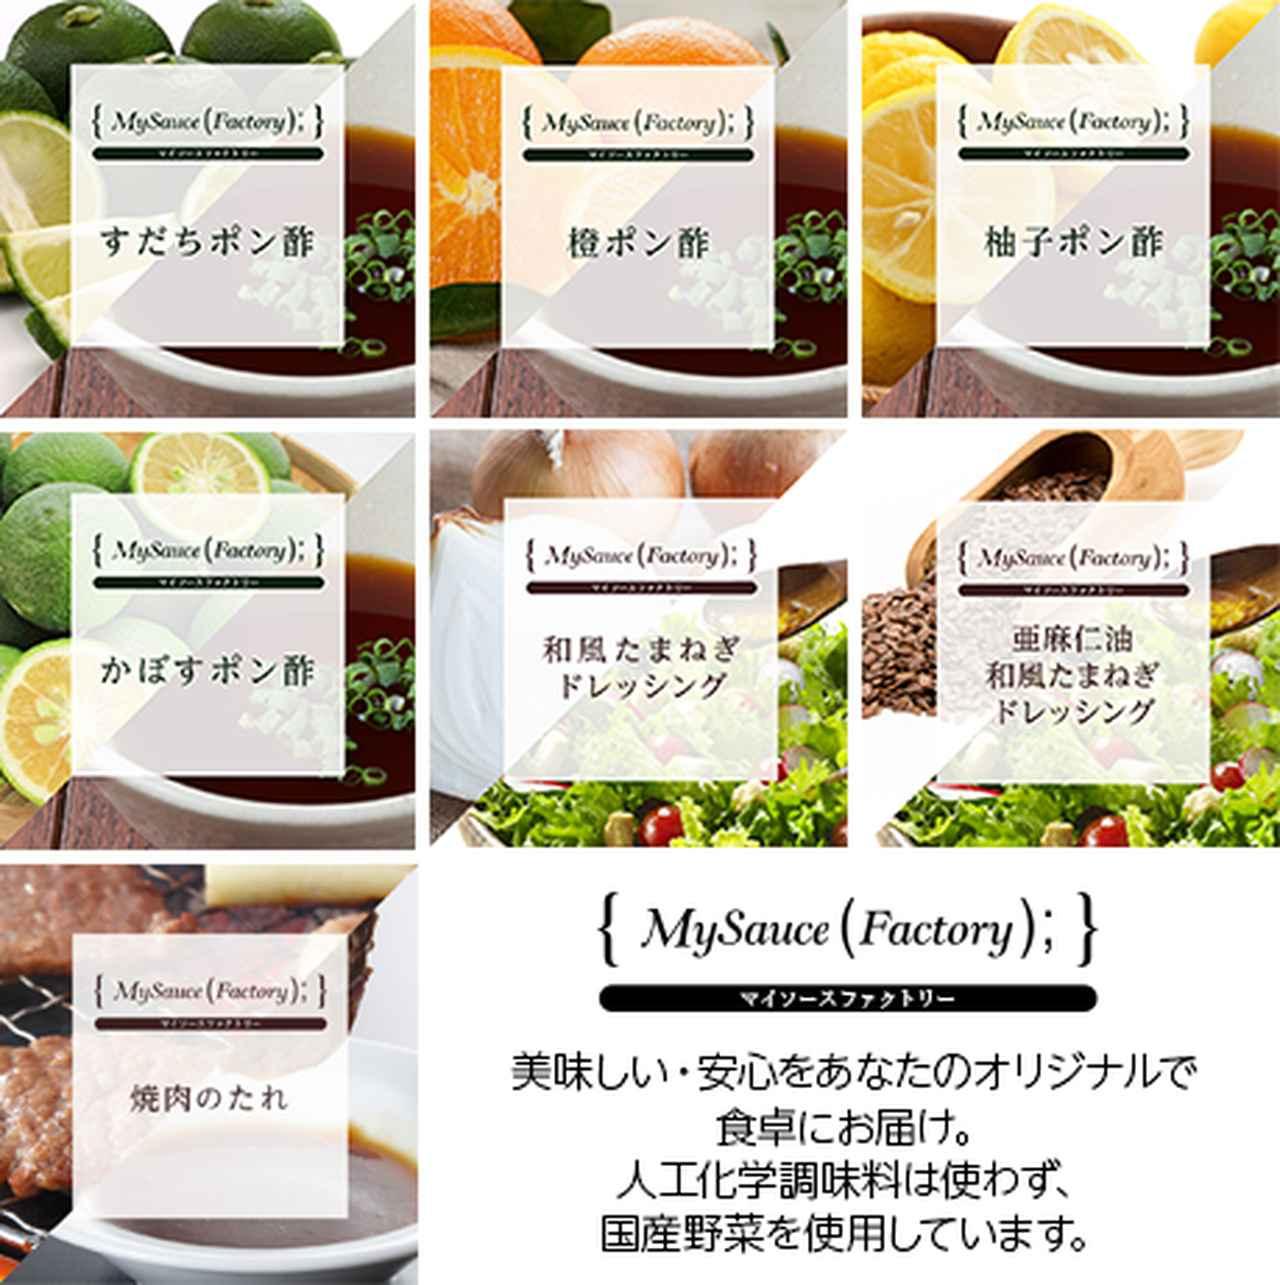 画像2: こだわり素材で好みに合わせた調味料をお届け!